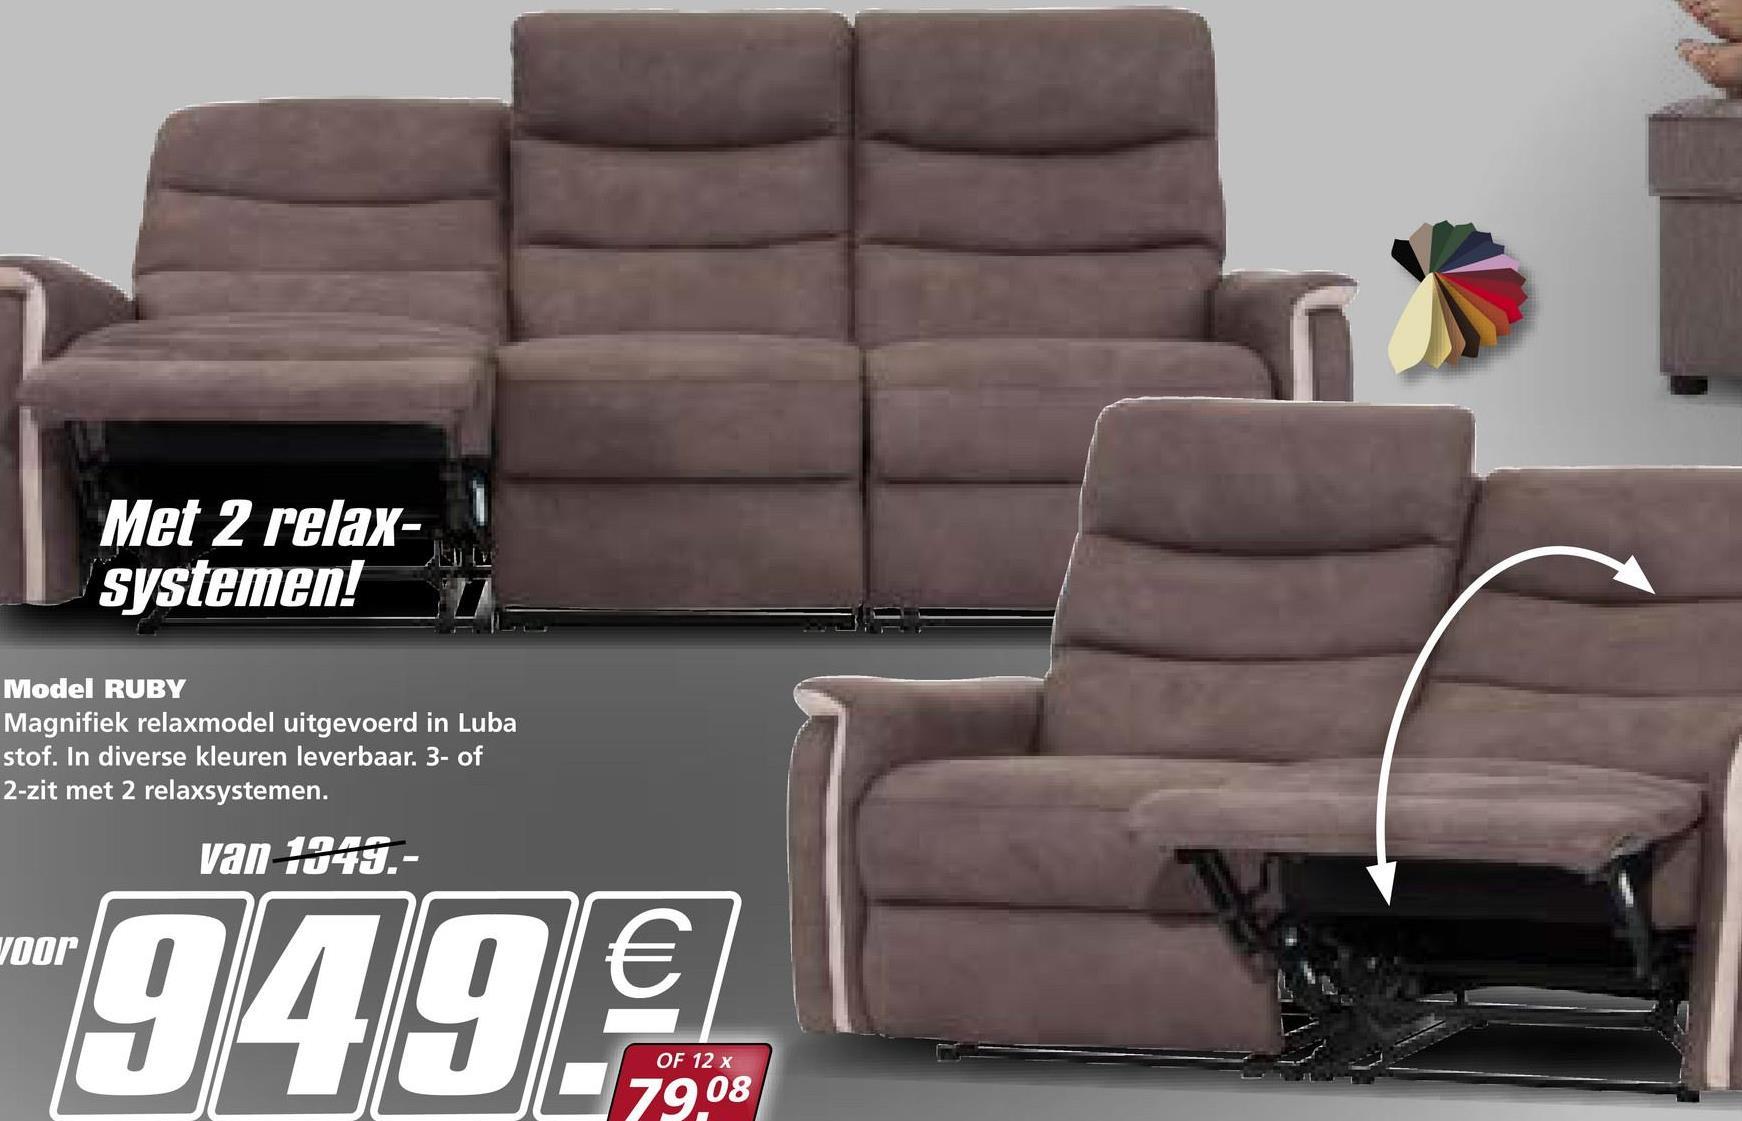 Met 2 relax- systemen! Model RUBY Magnifiek relaxmodel uitgevoerd in Luba stof. In diverse kleuren leverbaar. 3- of 2-zit met 2 relaxsystemen. van 1049.- voor -949€ OF 12 x 79 08